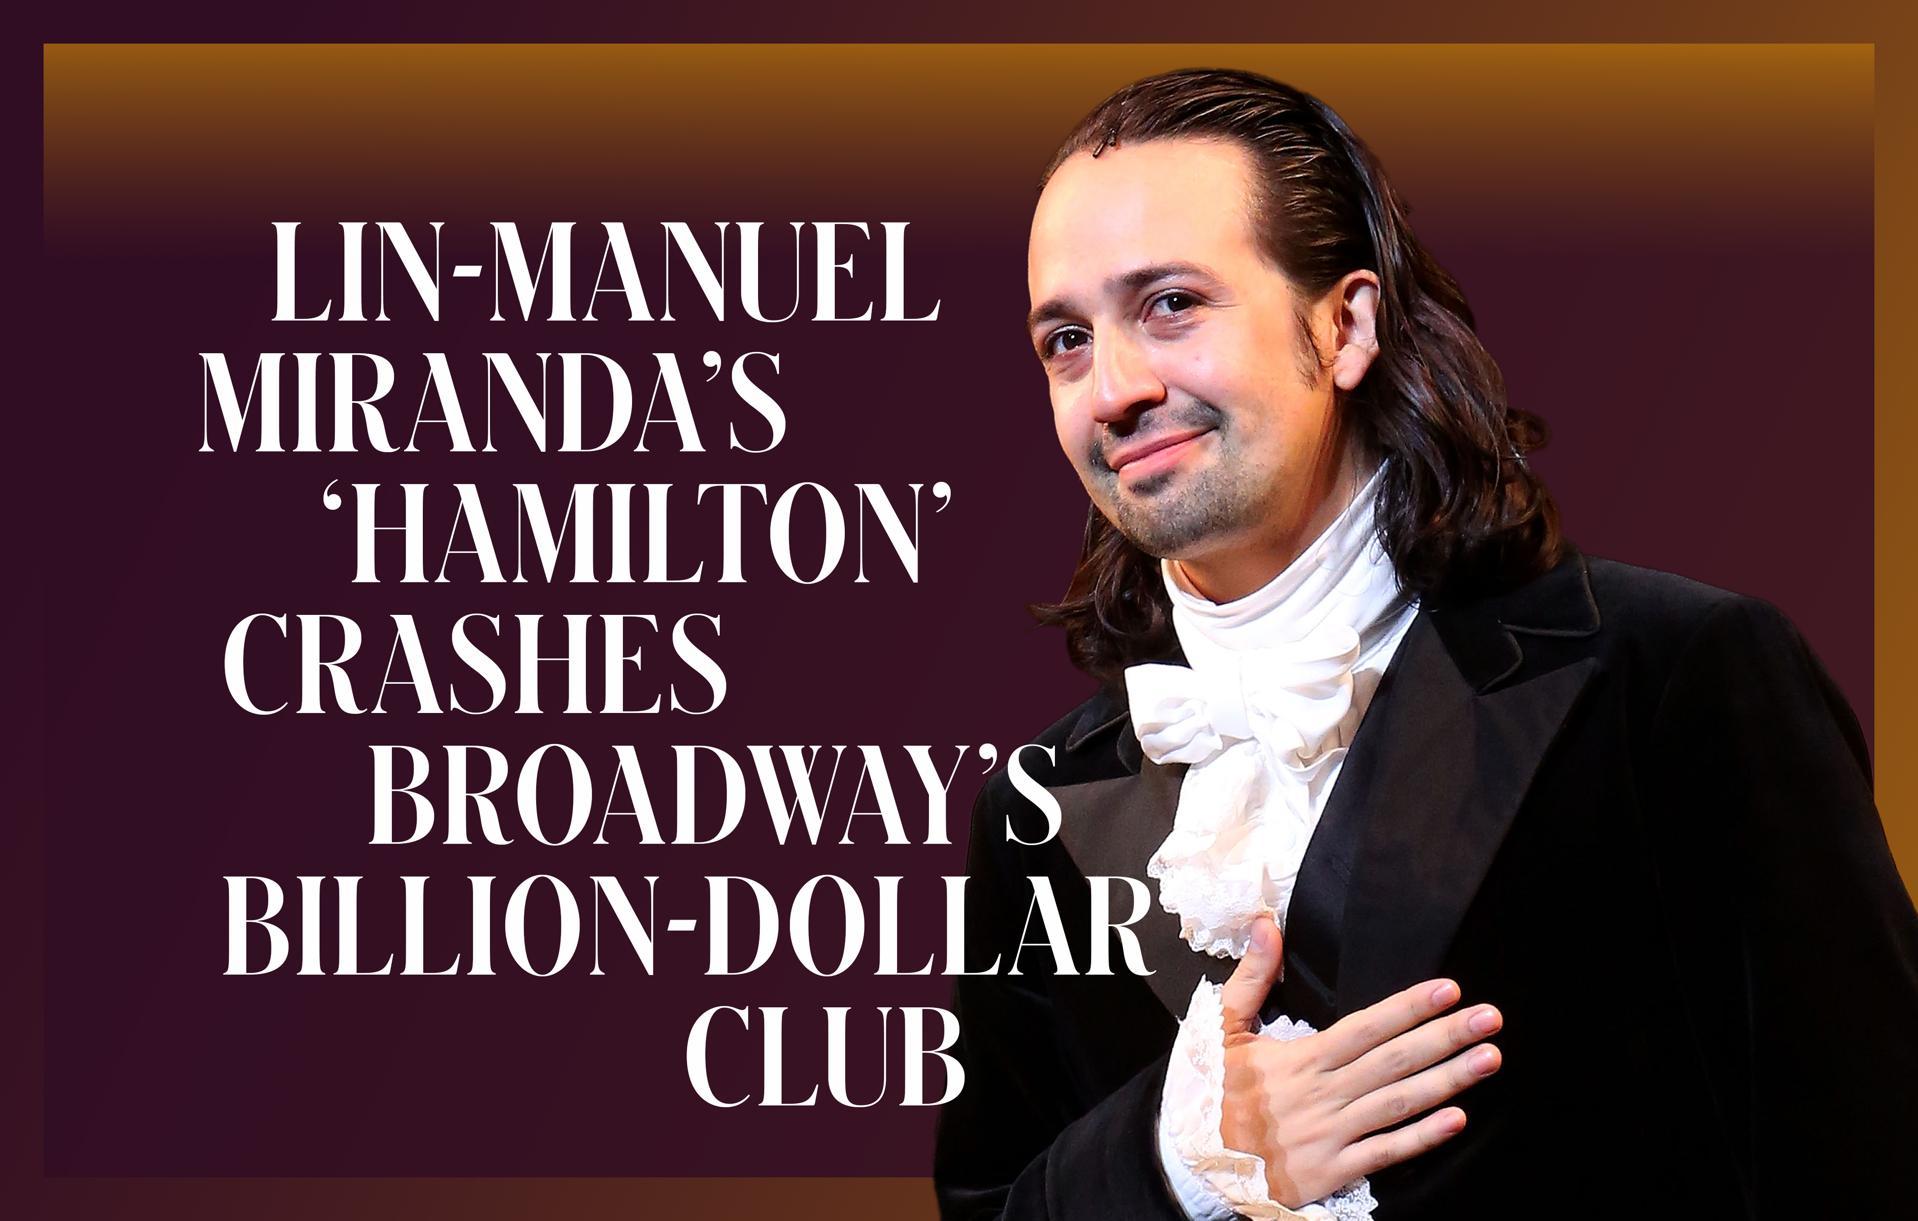 Lin-Manuel Miranda's 'Hamilton' Crashes Broadway's Billion-Dollar Club